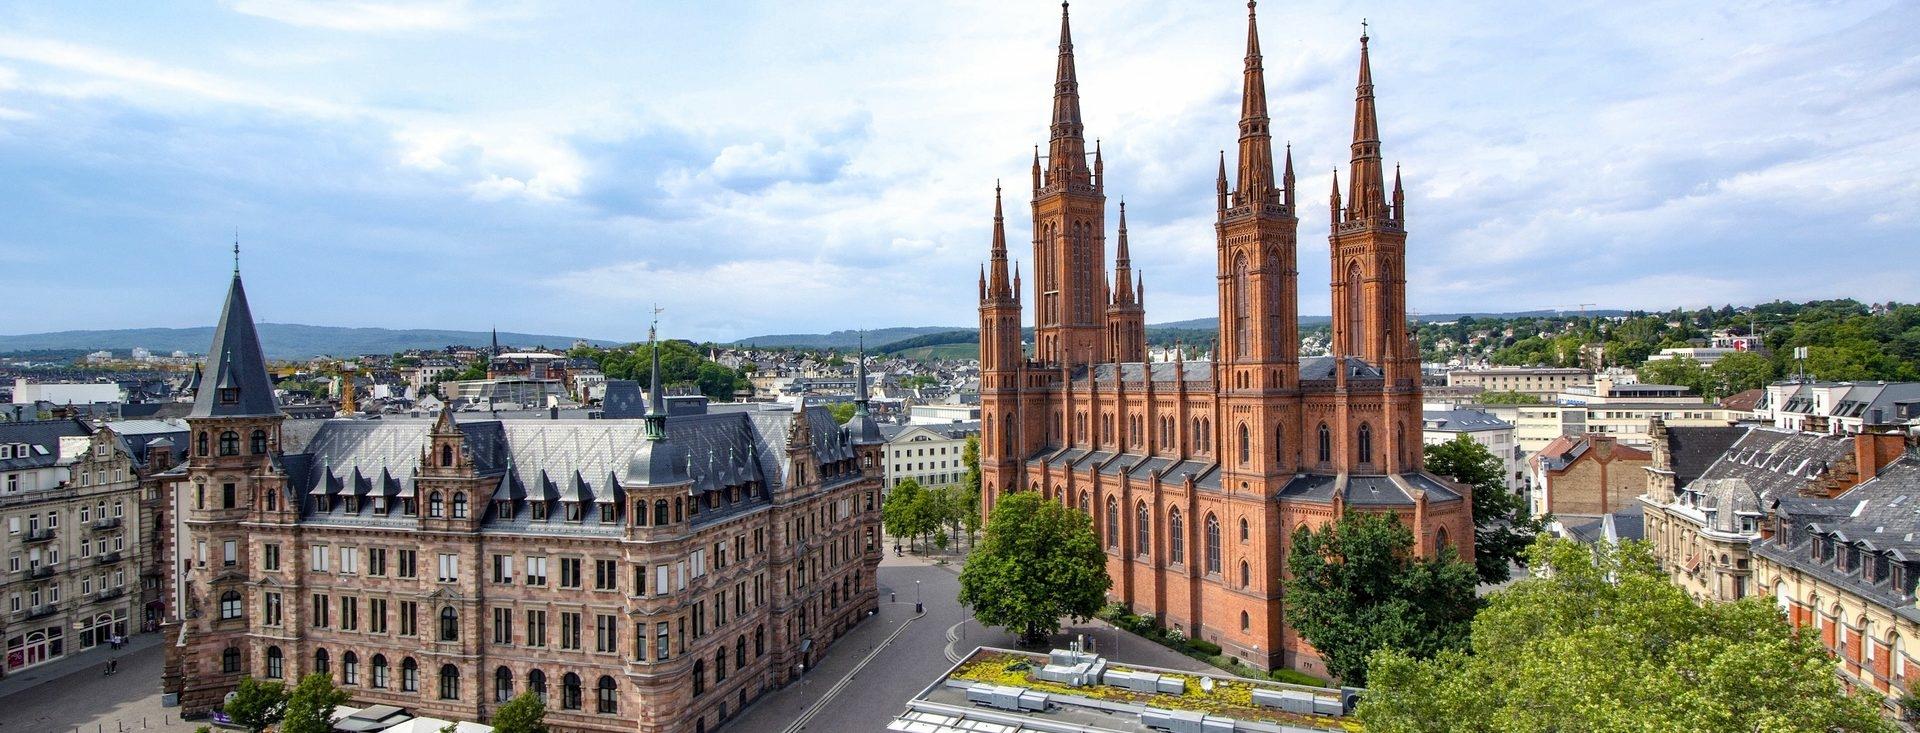 Wo Ist Wiesbaden